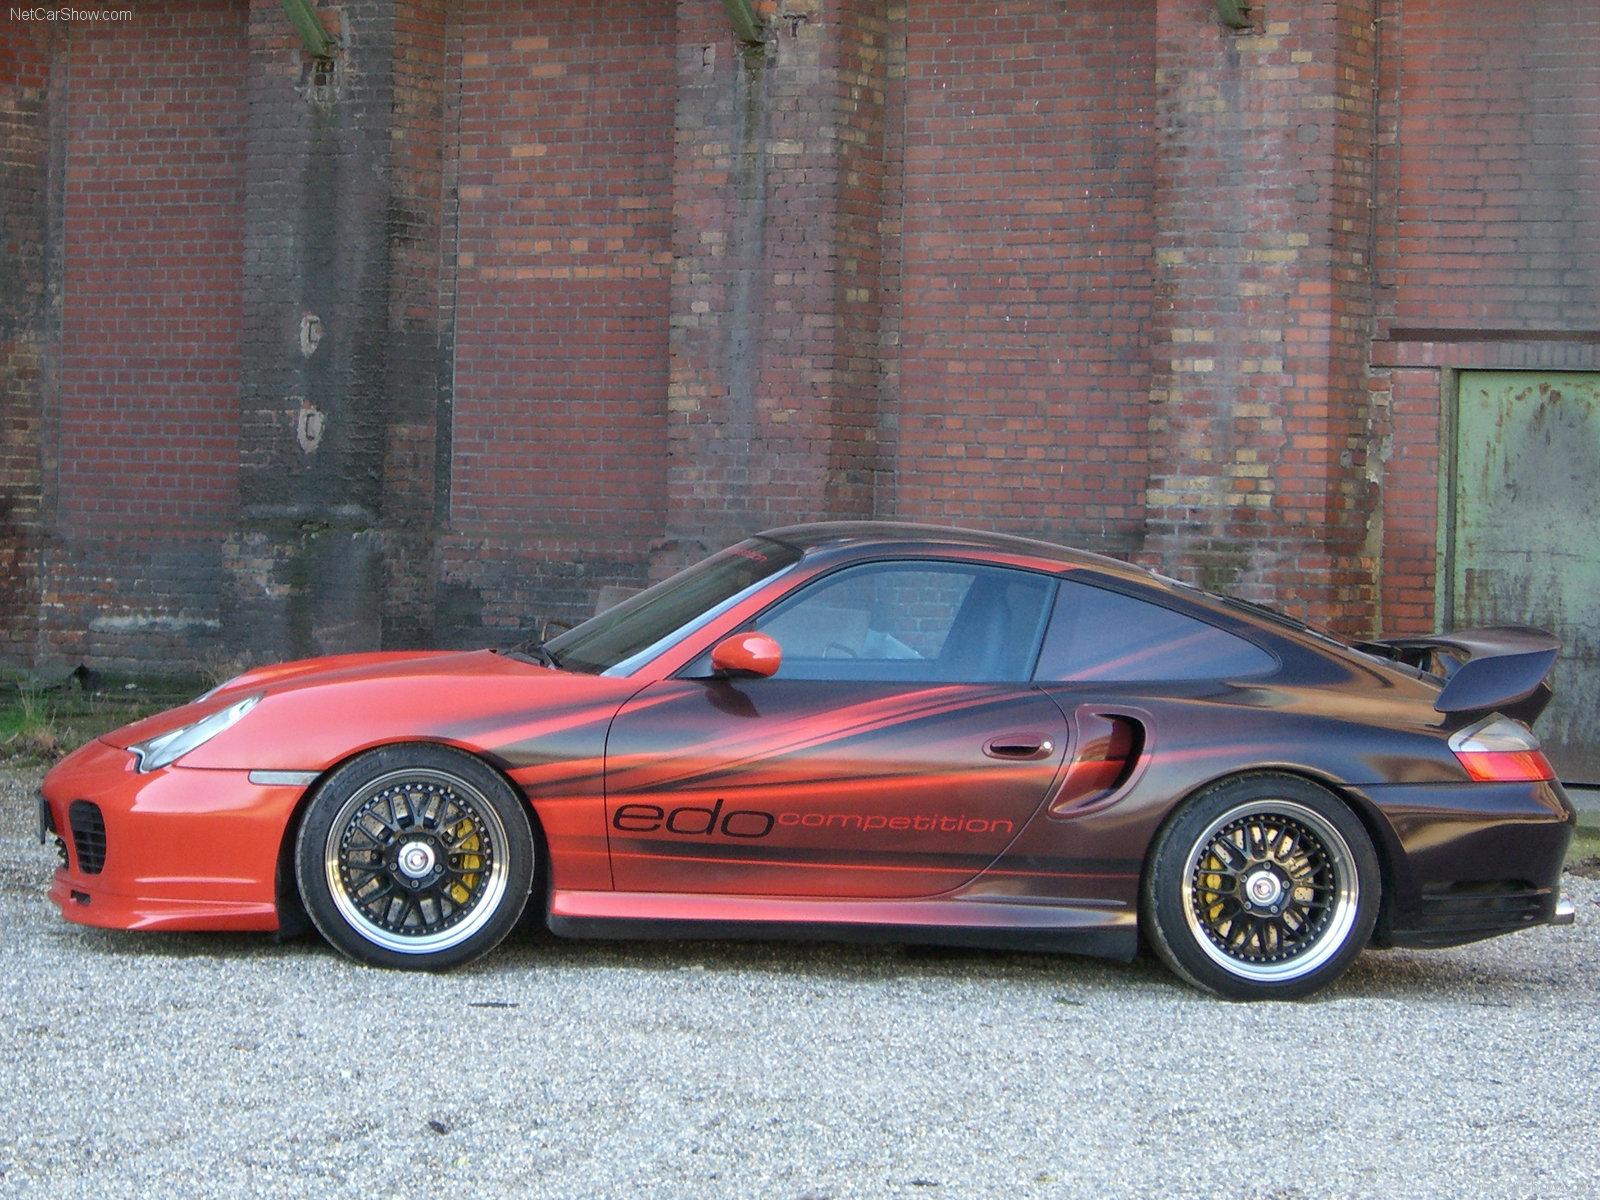 Hình ảnh siêu xe Edo Porsche 996 Turbo Red-Black 2006 & nội ngoại thất